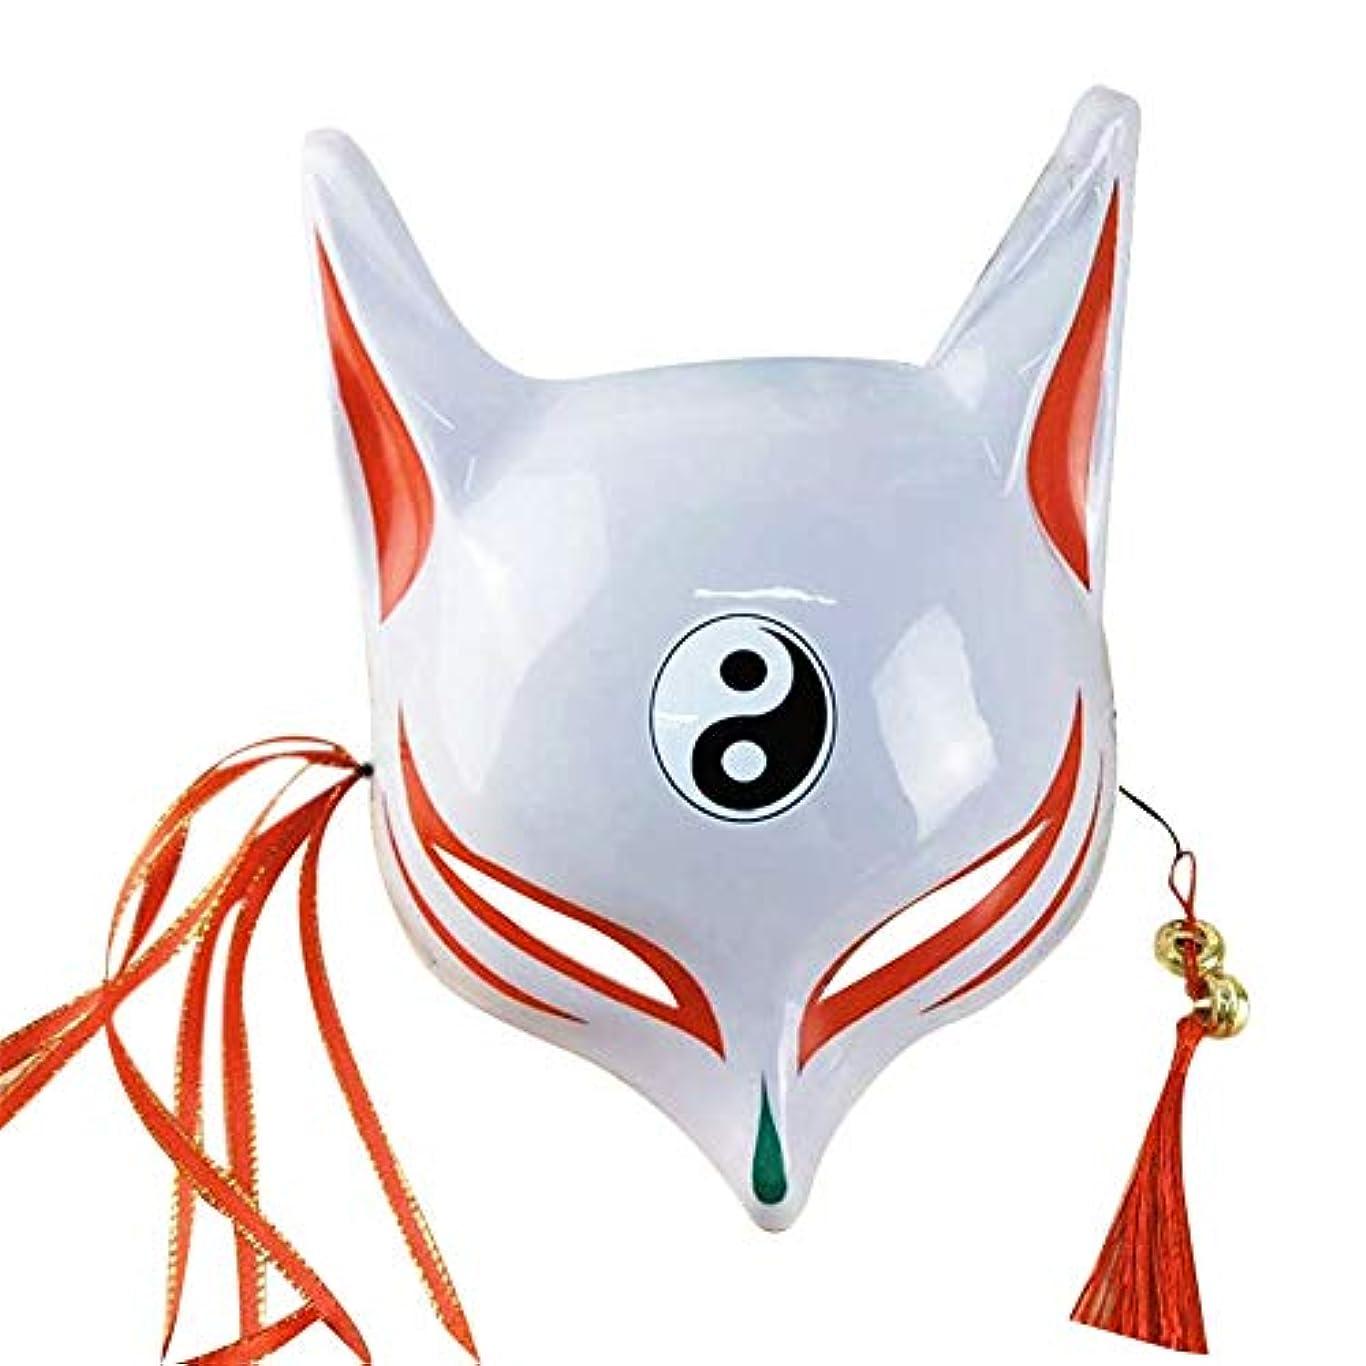 反射説明的懺悔Esolomフォックスハーフフェイスマスク手描きのマスク ロールプレイ仮装ドレスアップ マスクバーパーティー キツネの妖精の半分の顔 和風の手描き